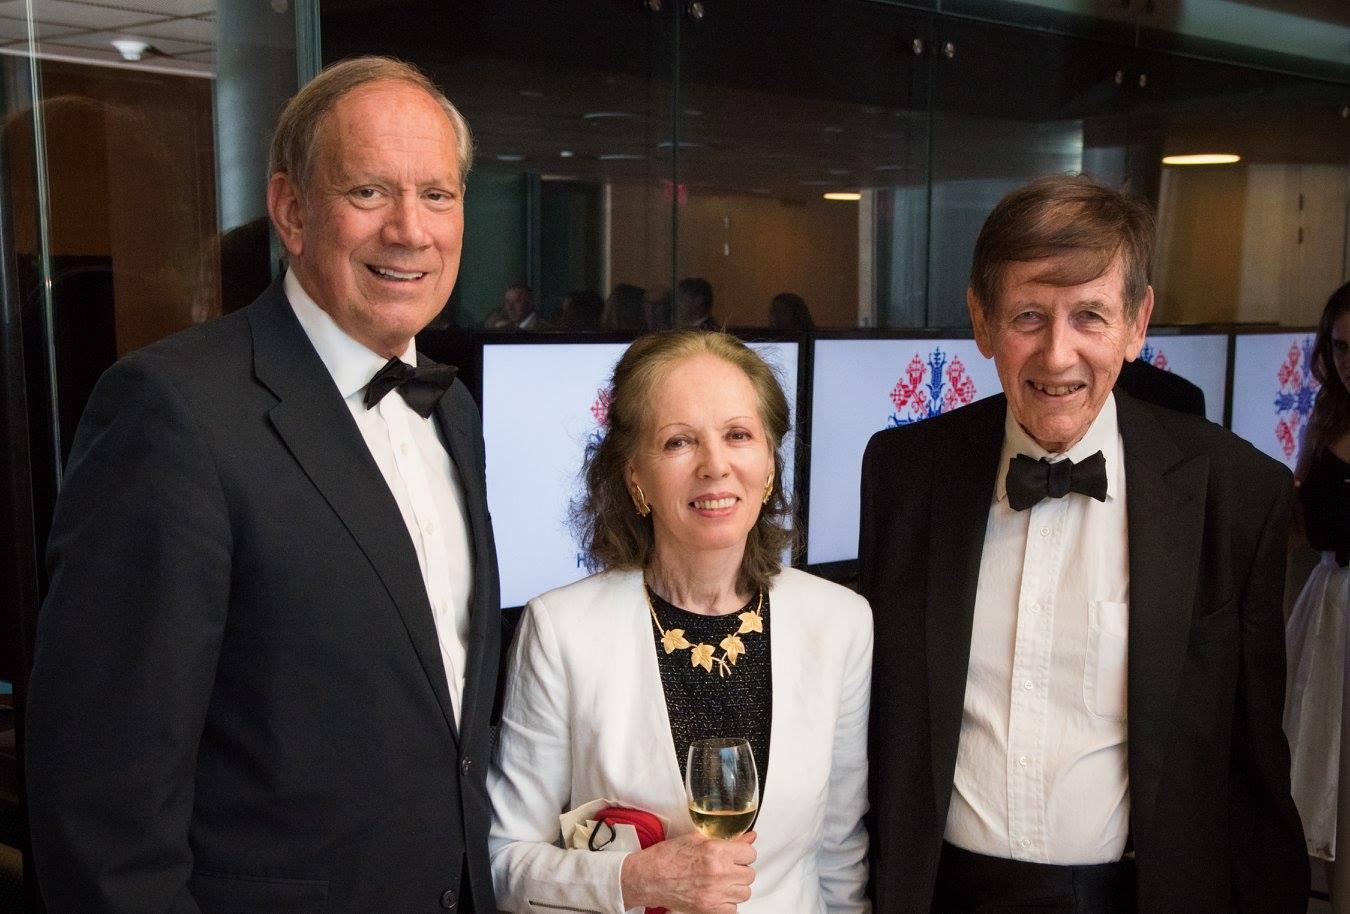 Governor George Pataki, Mr. Blaise Pasztory, Mrs. Anikó Pasztory